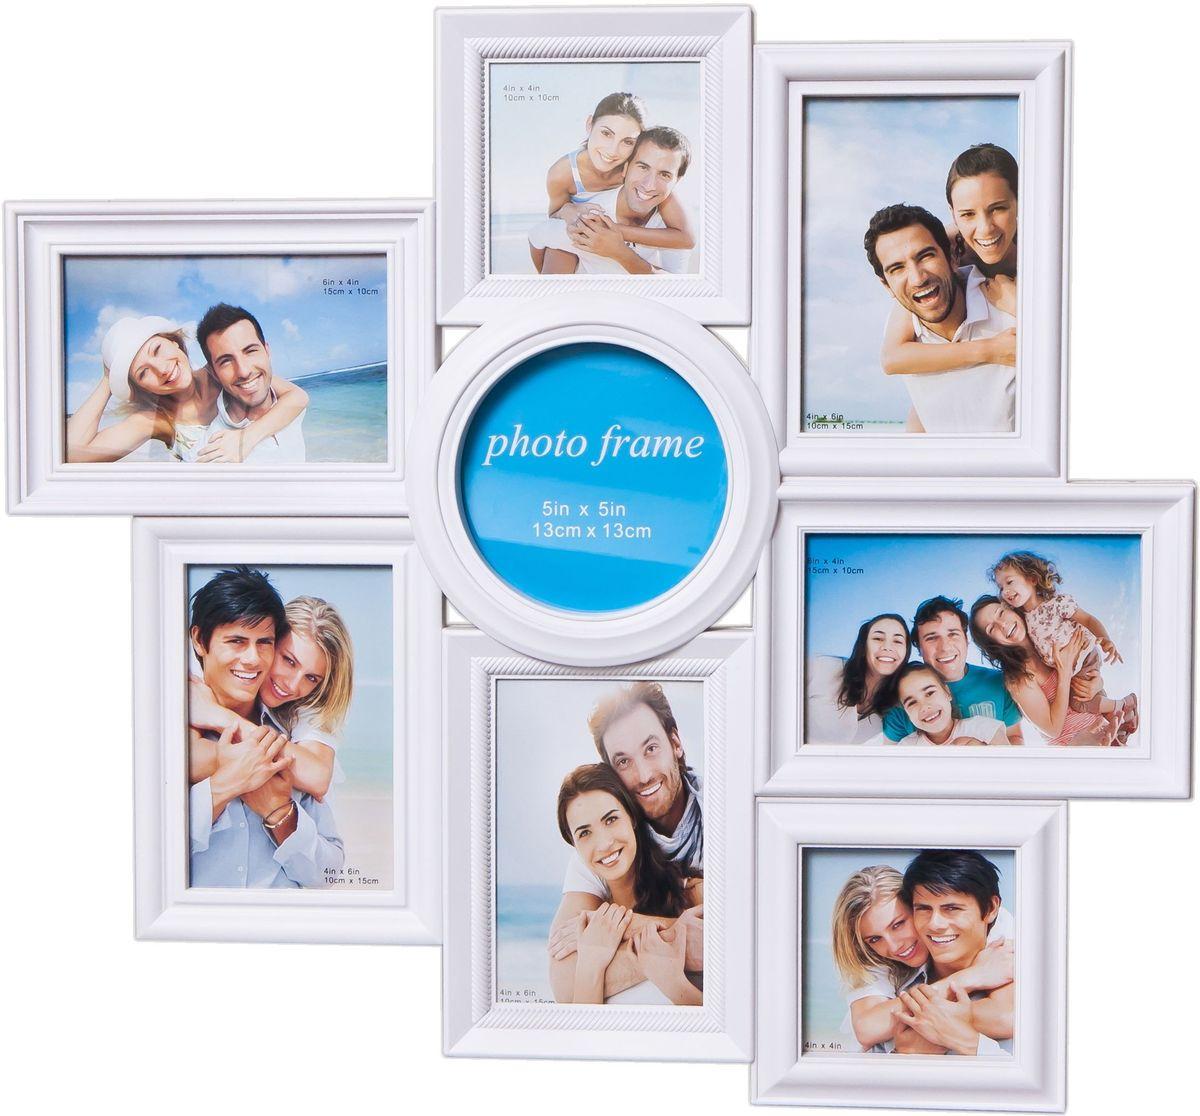 Фоторамка Platinum, цвет: белый, на 8 фото. BH-1408UP210DFФоторамка Platinum - прекрасный способ красиво оформить ваши фотографии. Фоторамка выполнена из пластика и защищена стеклом. Фоторамка-коллаж представляет собой восемь фоторамок для фото разного размера оригинально соединенных между собой. Такая фоторамка поможет сохранить в памяти самые яркие моменты вашей жизни, а стильный дизайн сделает ее прекрасным дополнением интерьера комнаты. Фоторамка подходит для 5 фото 10 х 15 см, 1 фото 13 х 13 см и 2 фото 10 х 10 см.Общий размер фоторамки: 50 х 47 см.